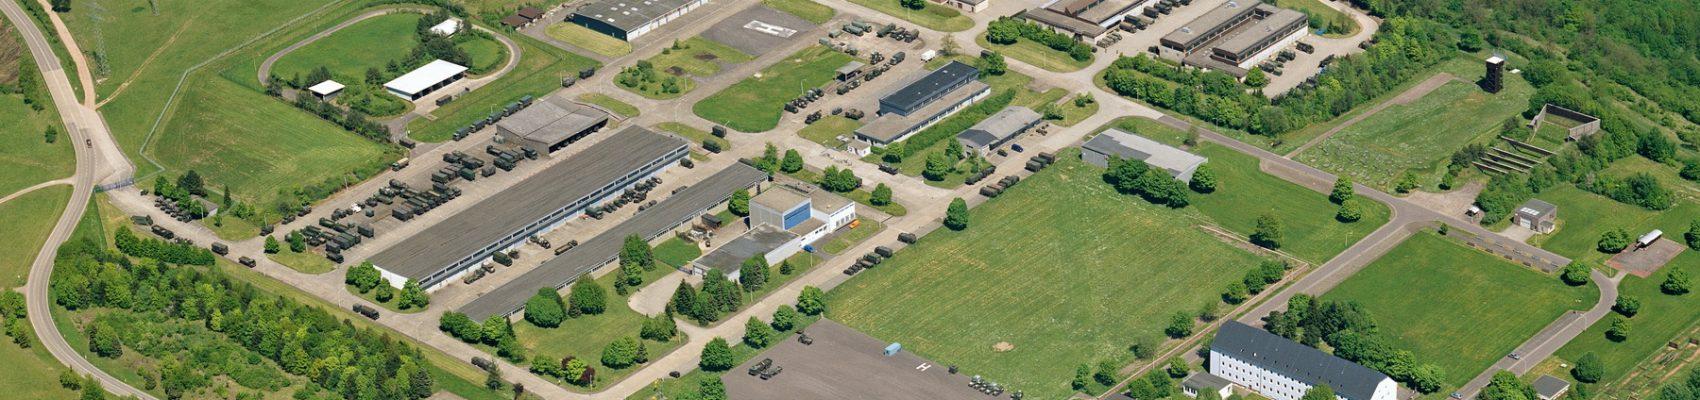 Luftaufnahme vom Bundeswehrstandort in Merzig